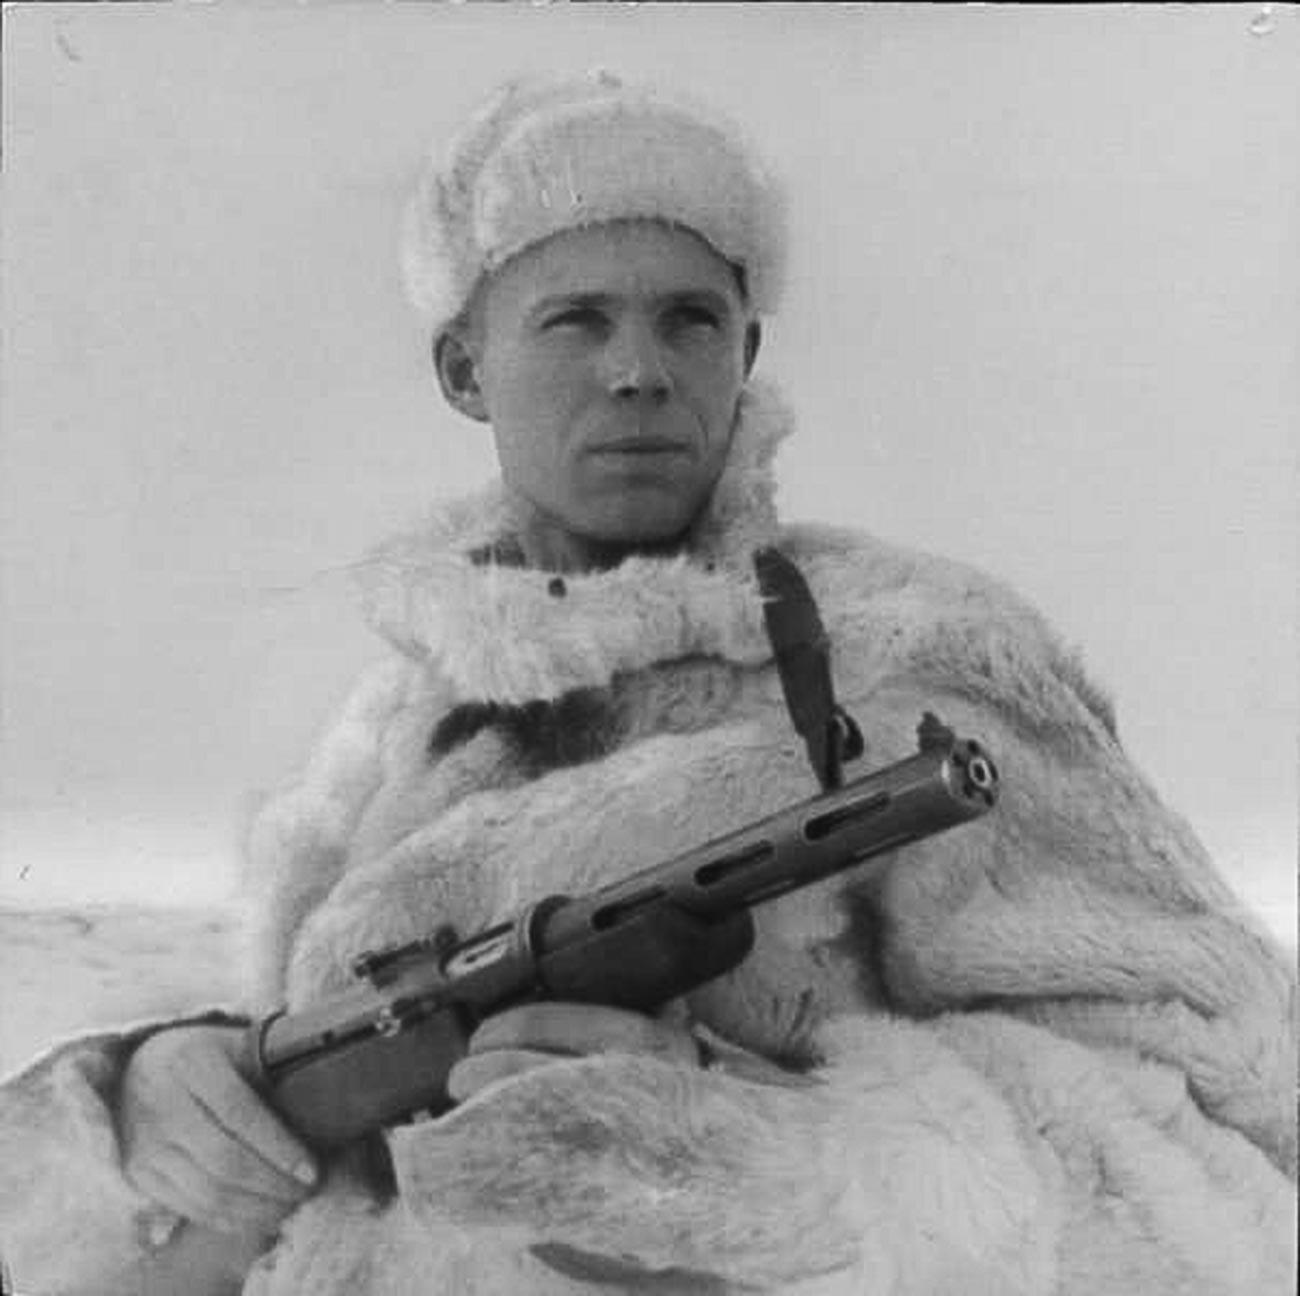 Un éclaireur soviétique